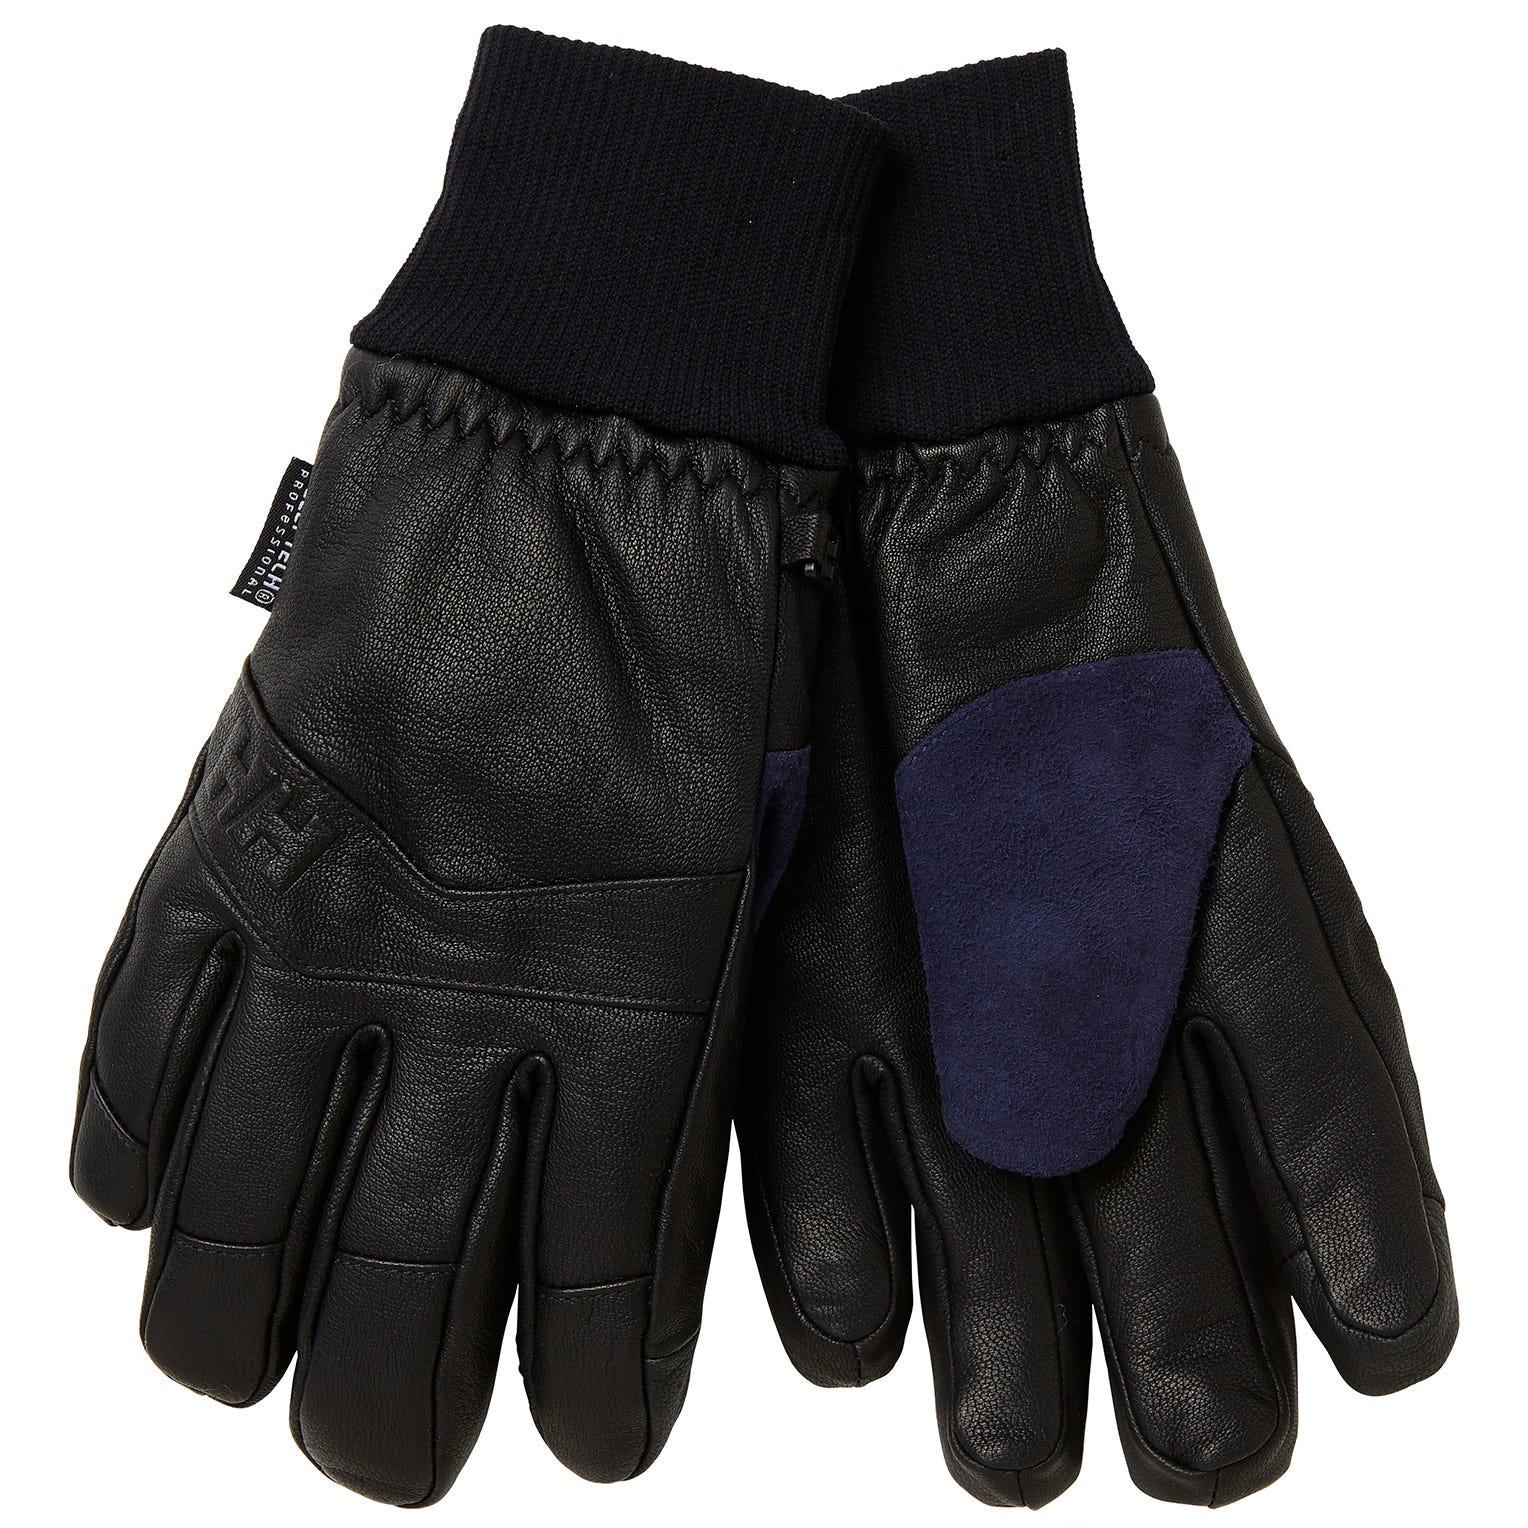 Helly Hansen Traverse Ht Glove Mens Black L